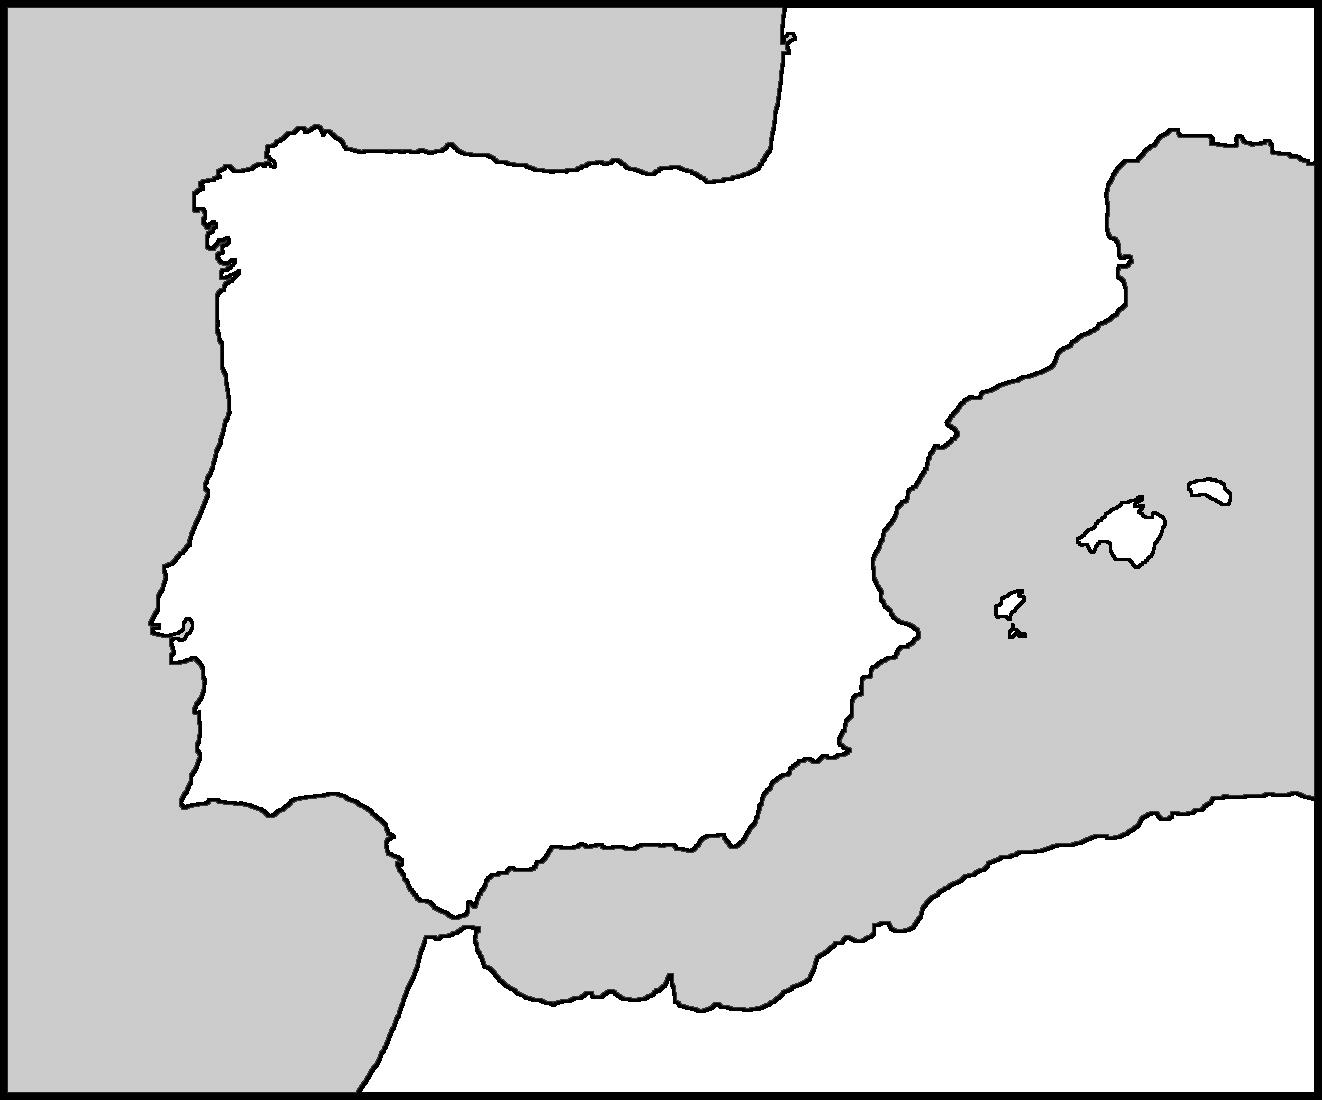 Iberian Peninsula coloring #5, Download drawings